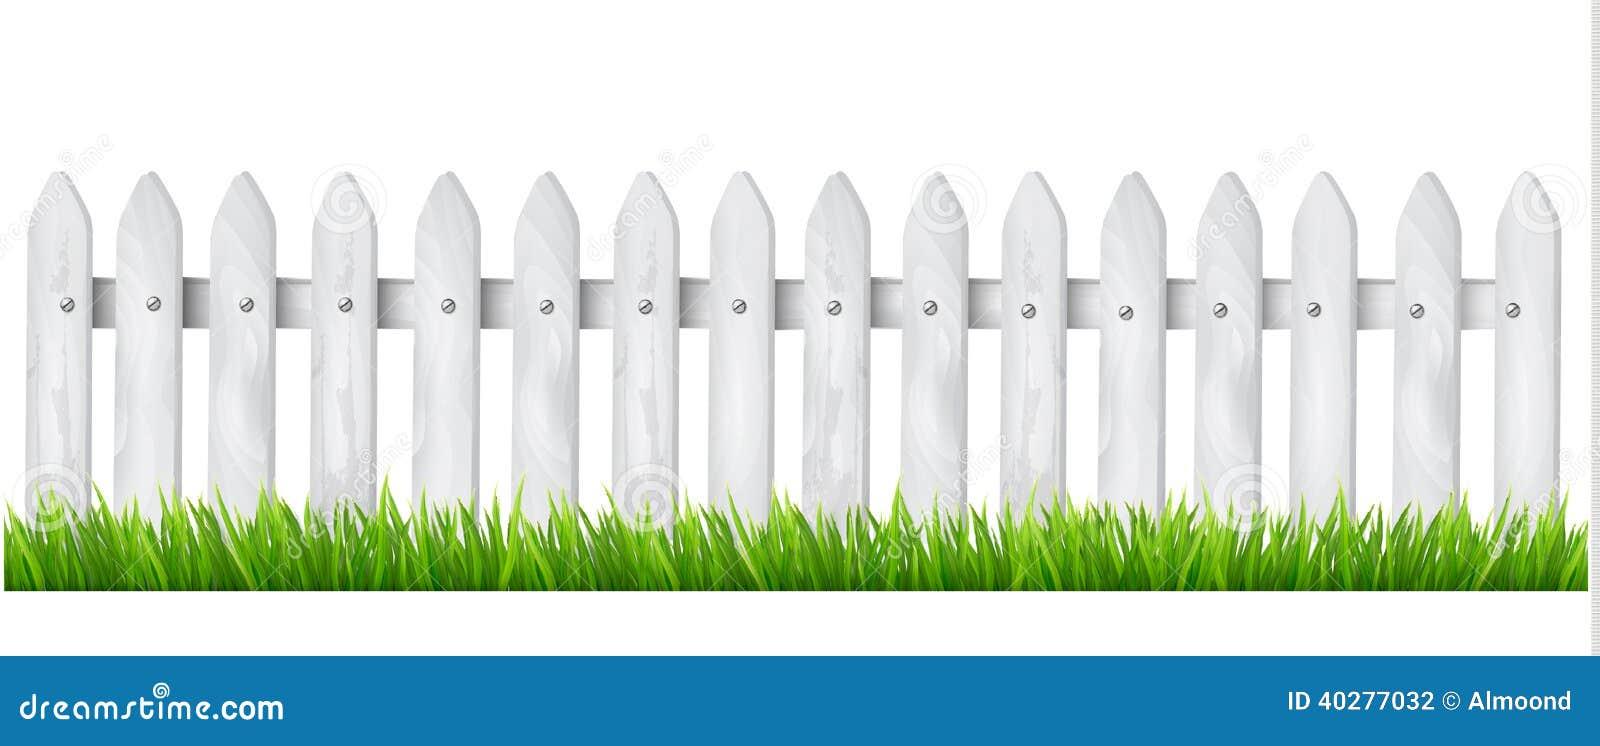 cerca para jardim branca : cerca para jardim branca:Fundo Com Uma Cerca De Madeira Branca Com Grama. Ilustração do Vetor